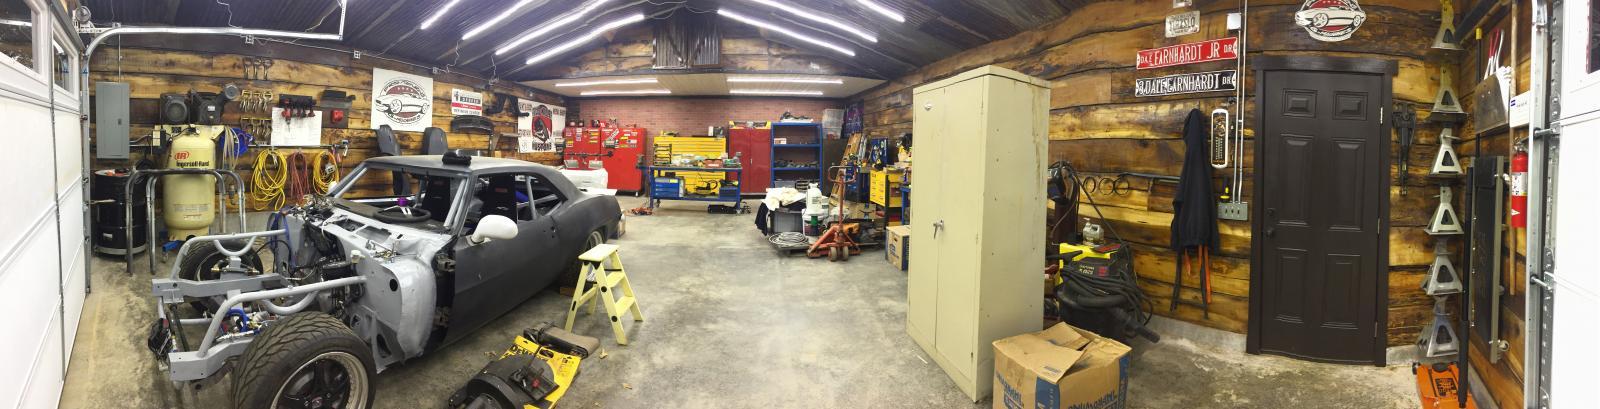 Name:  garage3.jpg Views: 202 Size:  127.0 KB